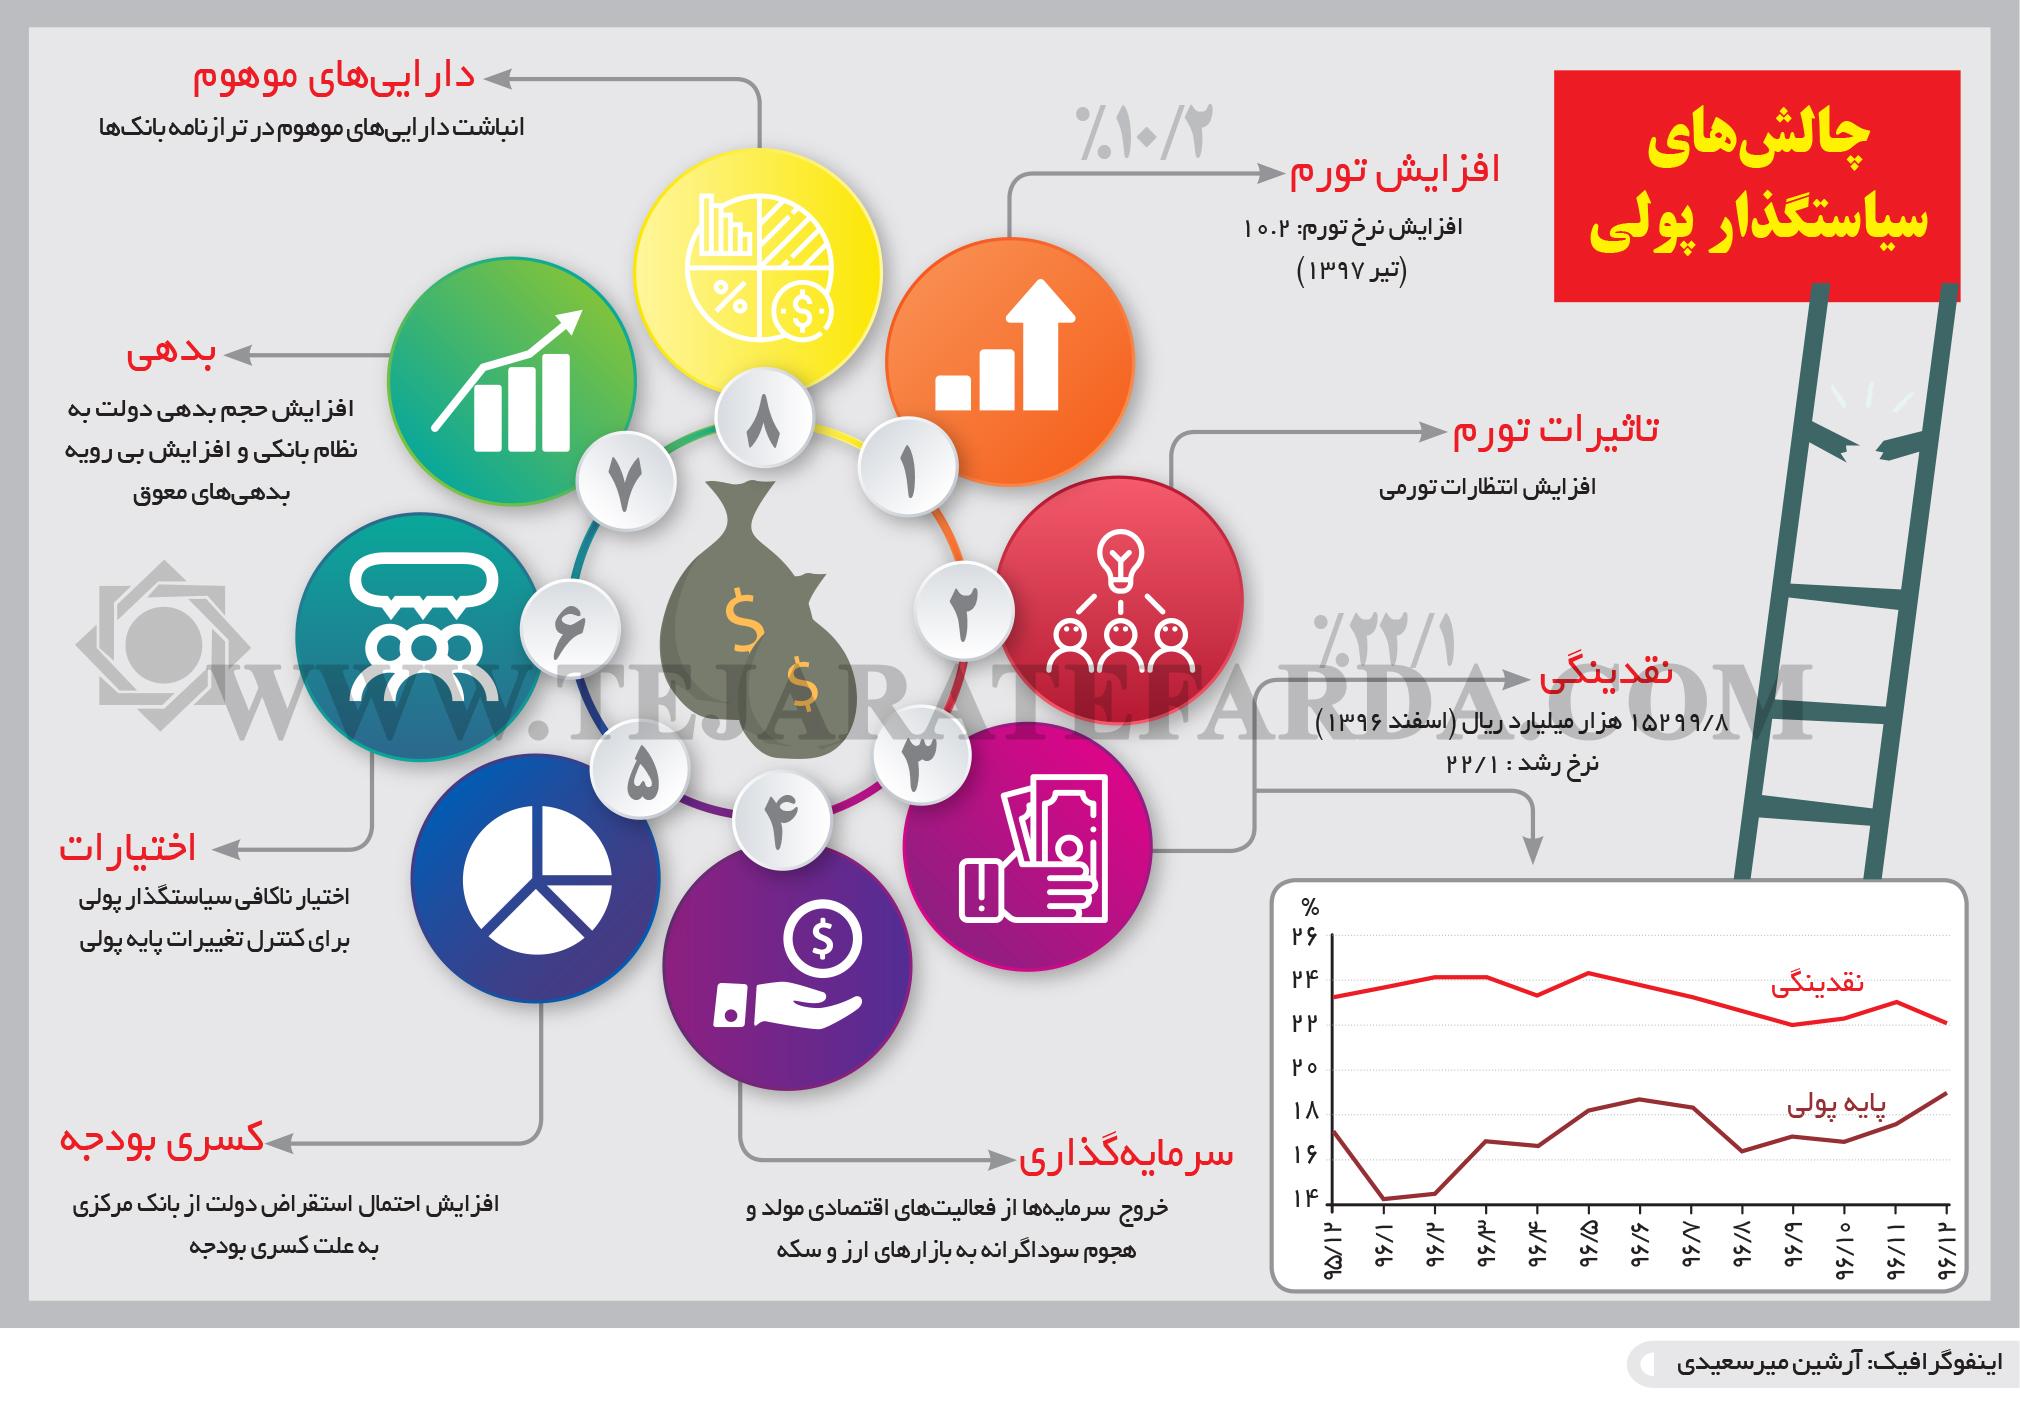 تجارت فردا-اینفوگرافیک- چالشهای سیاستگذار پولی